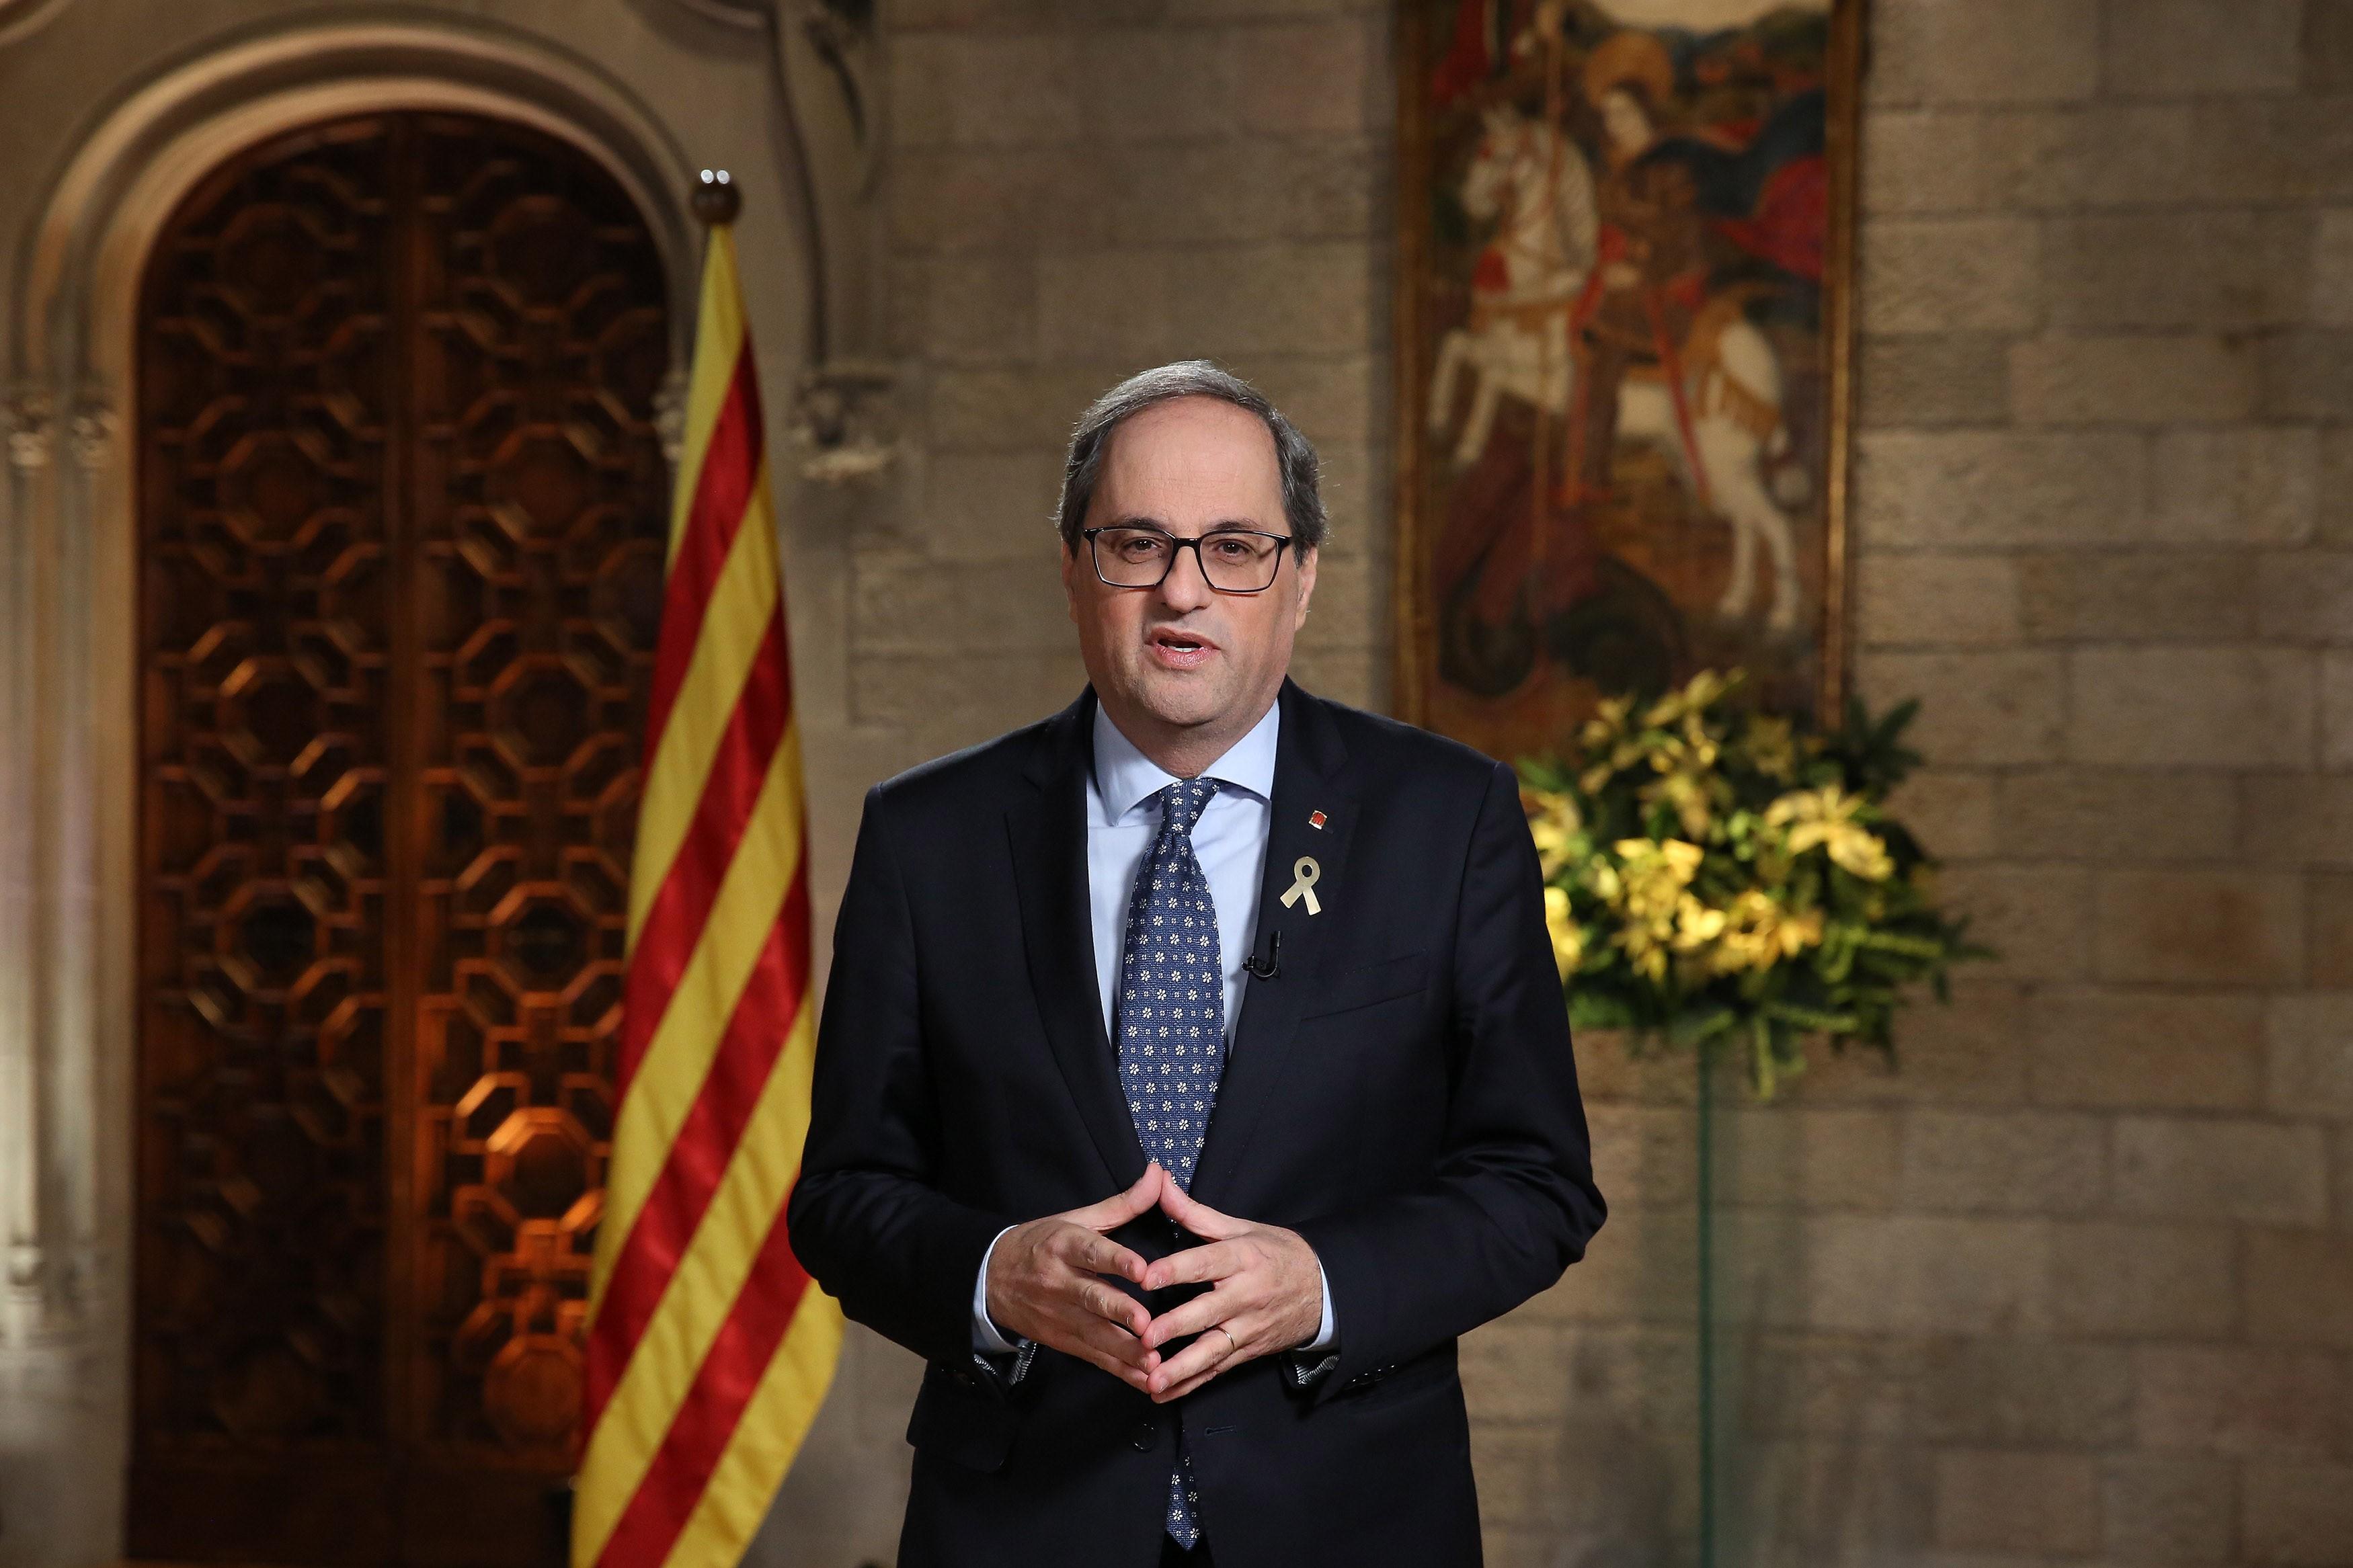 El president ha pronunciat el missatge des del Saló Mare de Déu de Montserrat (Autor: Jordi Bedmar)